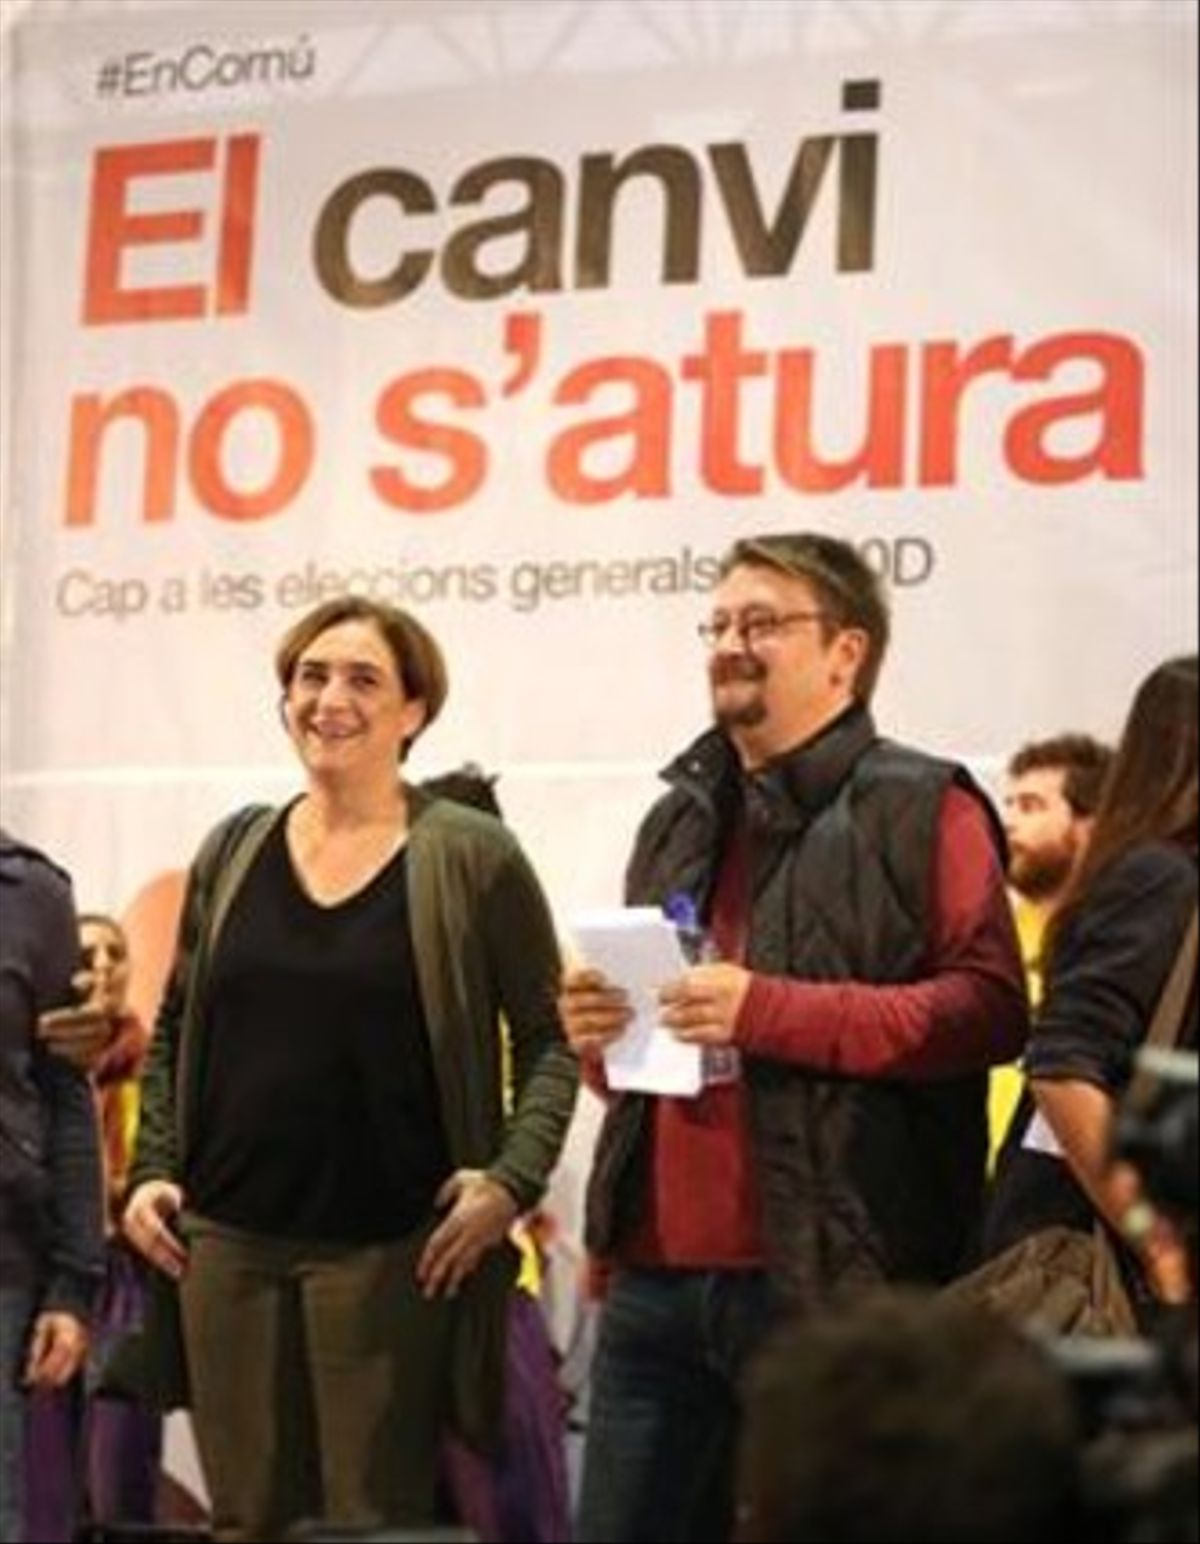 La alcaldesa de Barcelona, Ada Colau, y el candidato de 'En Comú Podem', Xavier Domènech.